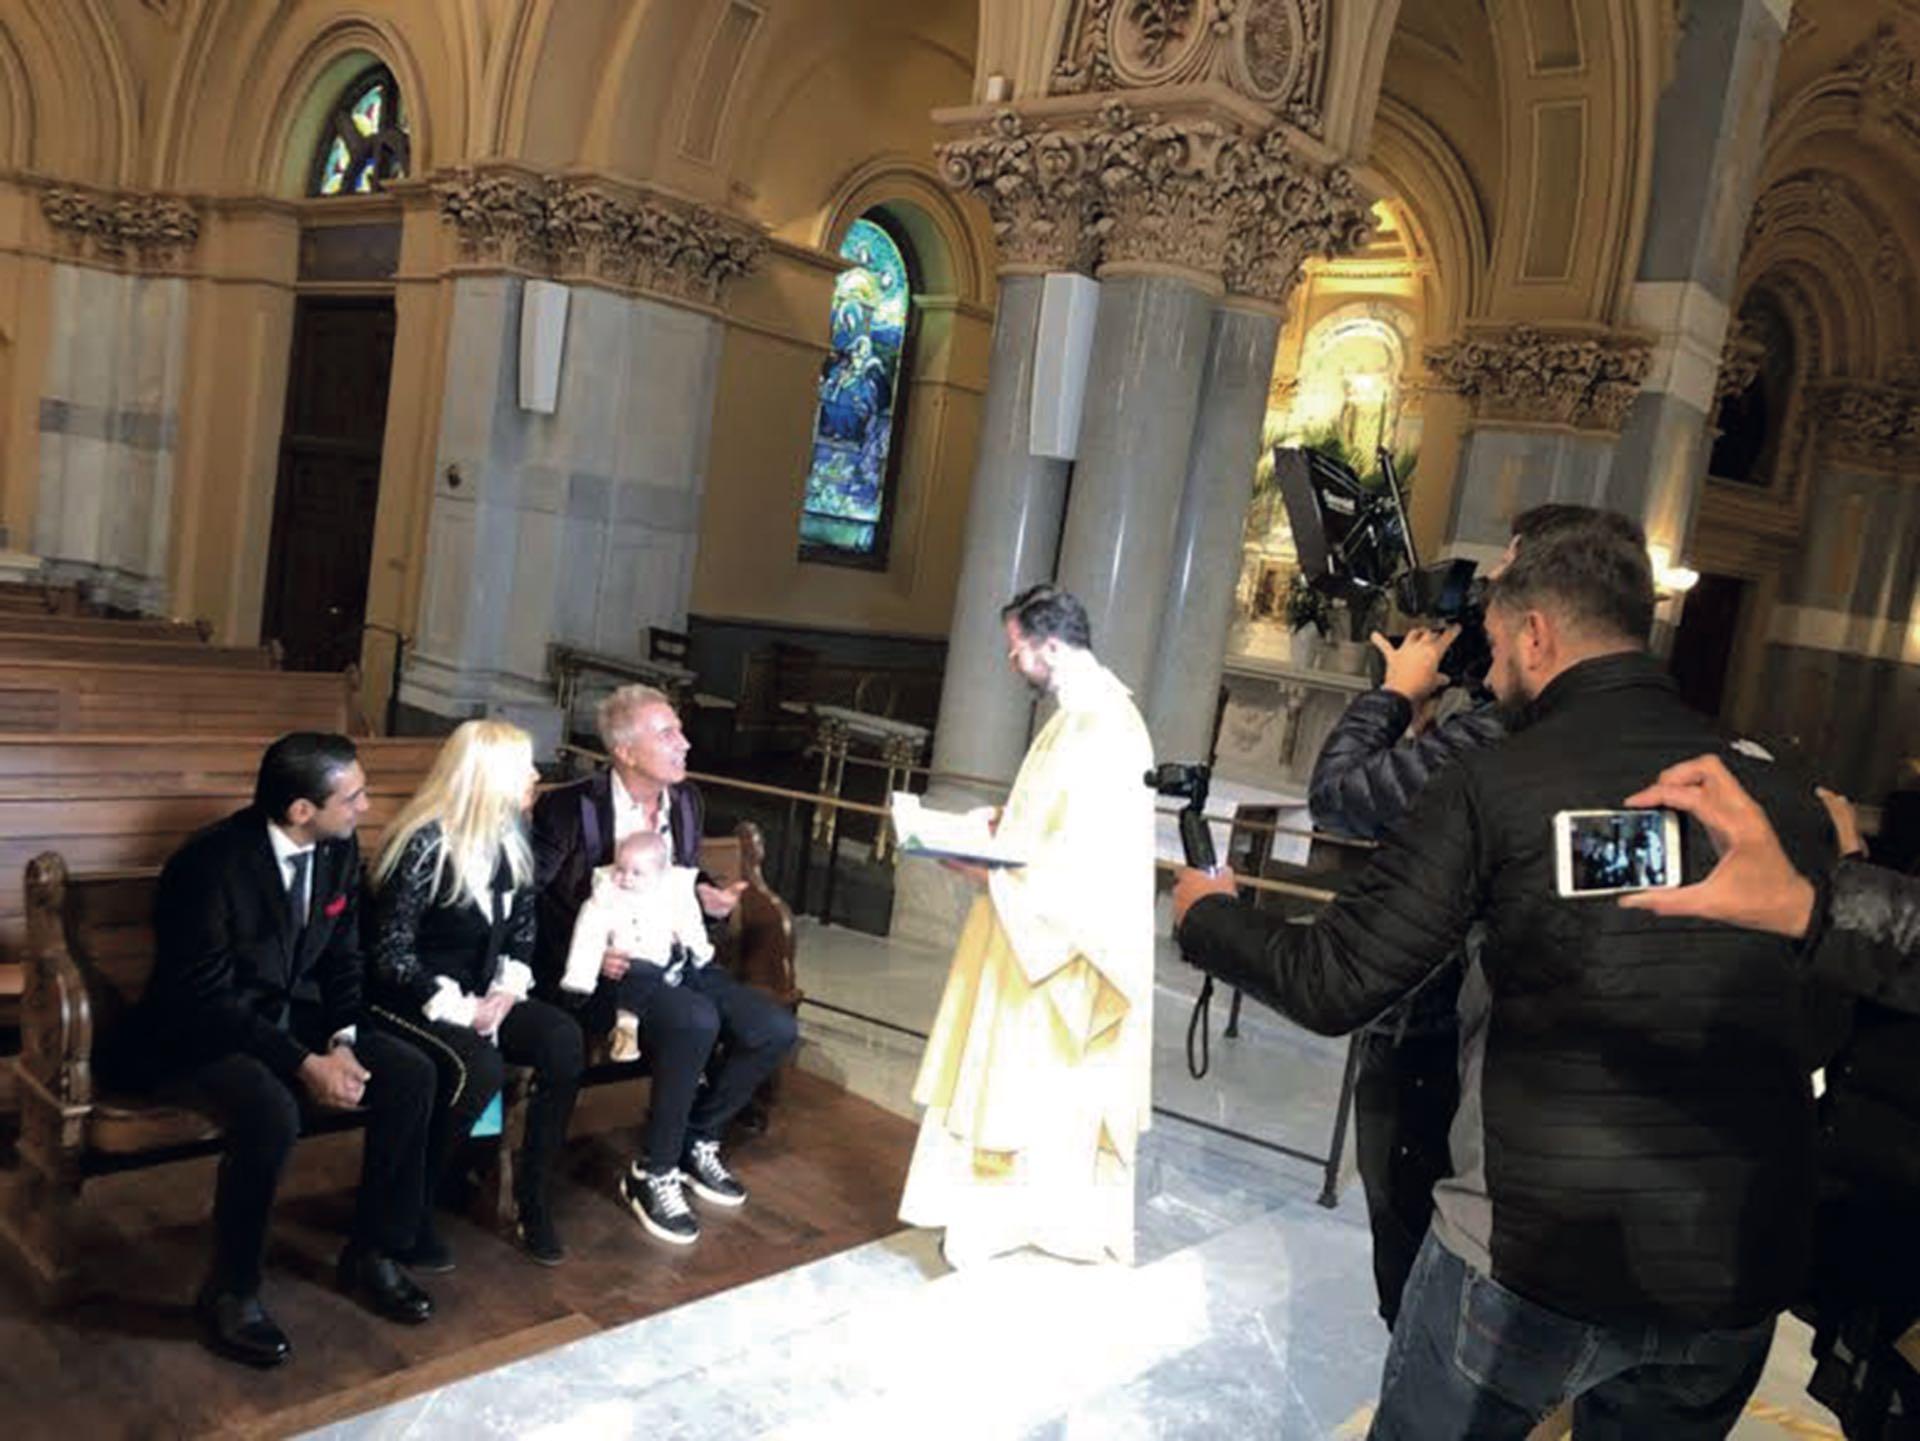 Mañana del domingo 8 de abril. El papá y los padrinos escuchan las palabras del sacerdote jesuita Daniel Corrou en la iglesia Saint Francis Xavier, del Midtown South de Manhattan